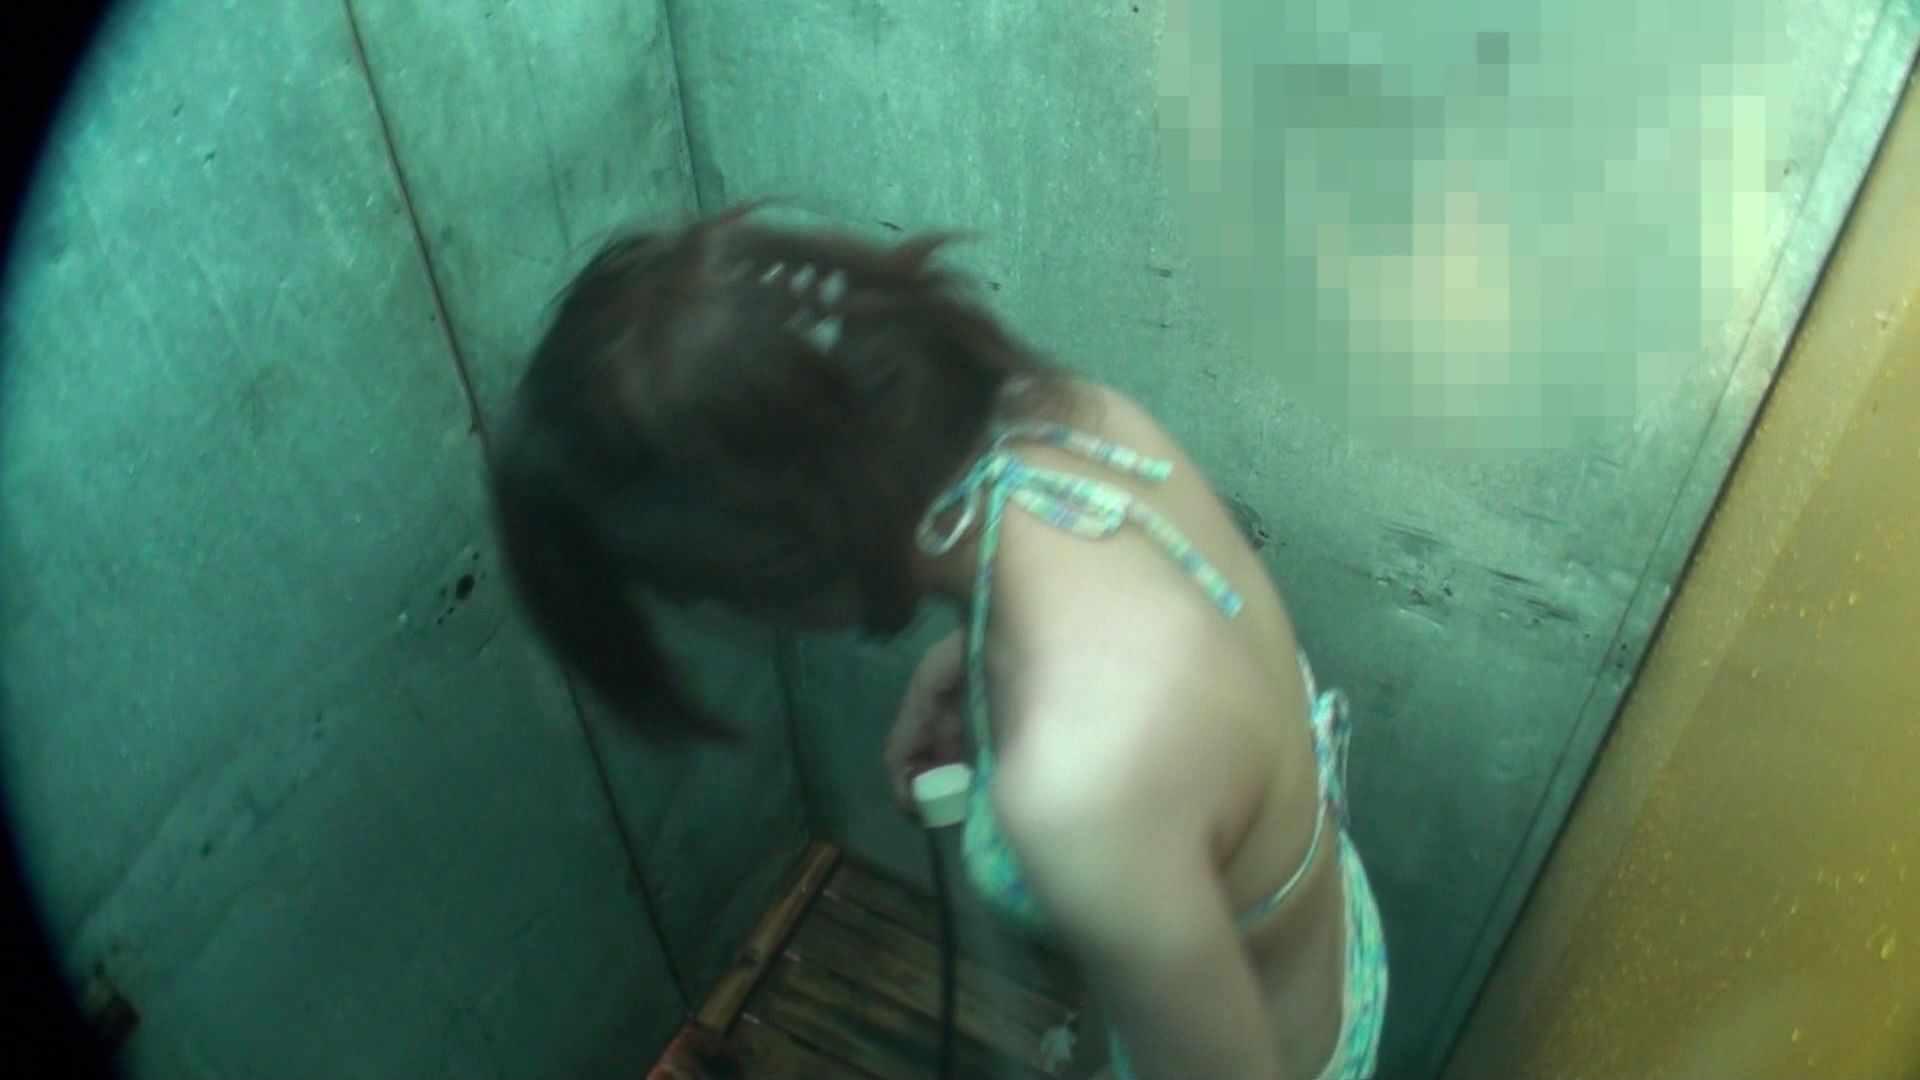 シャワールームは超!!危険な香りVol.15 残念ですが乳首未確認 マンコの砂は入念に マンコ映像 | 美女OL  63連発 1